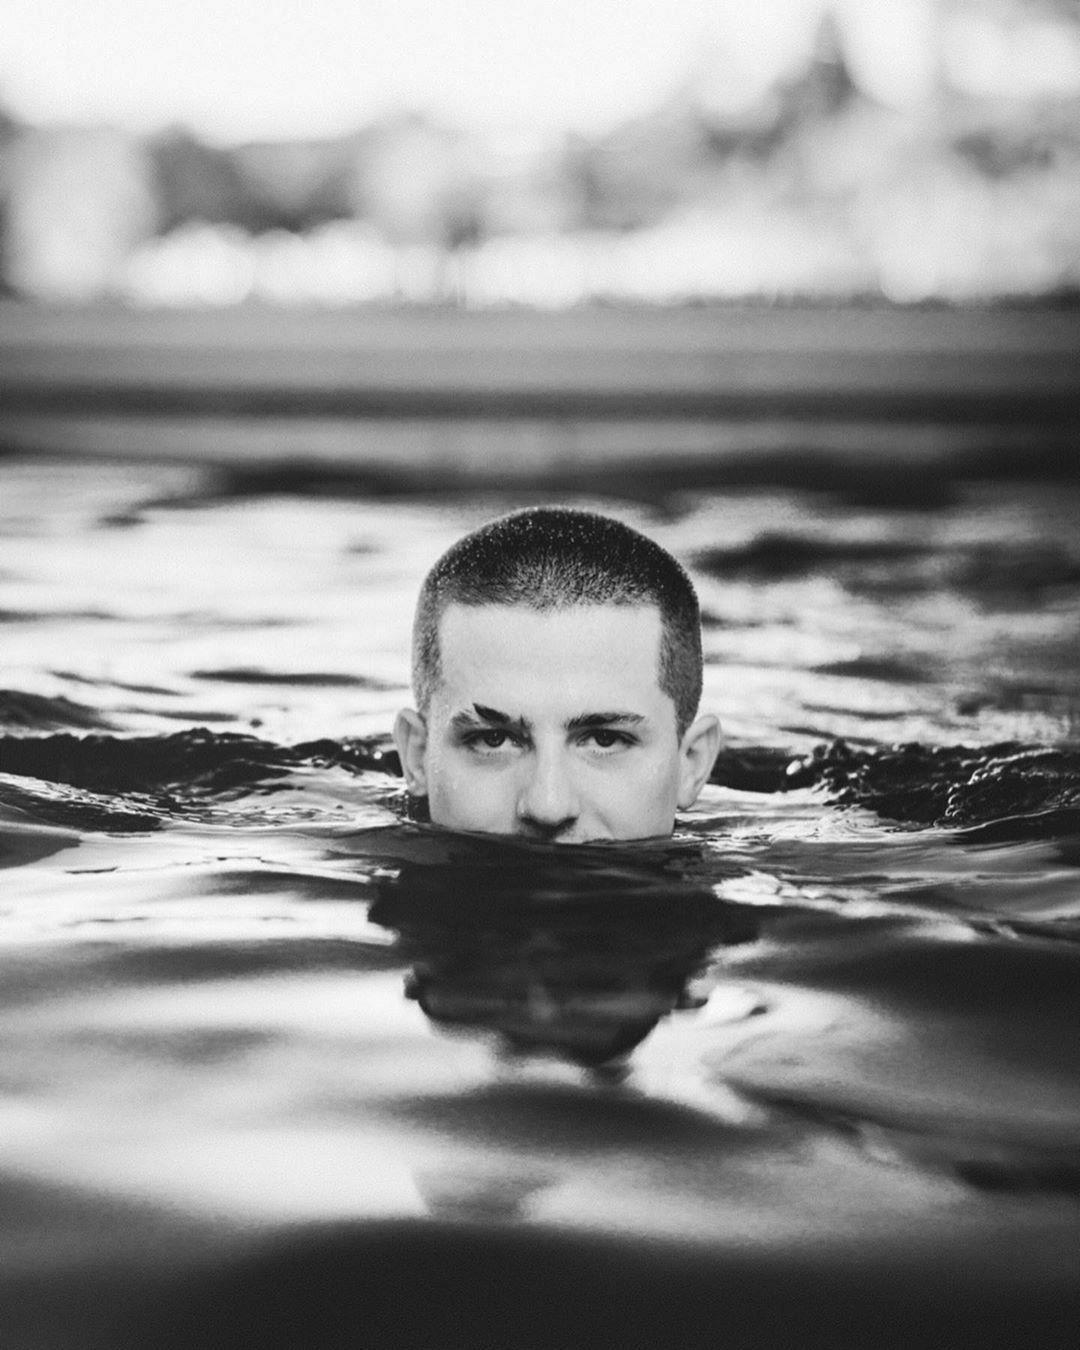 Quái vật 'Đen Loch Ness' và loạt ảnh chế Đen Vâu trong MV mới Ảnh 8